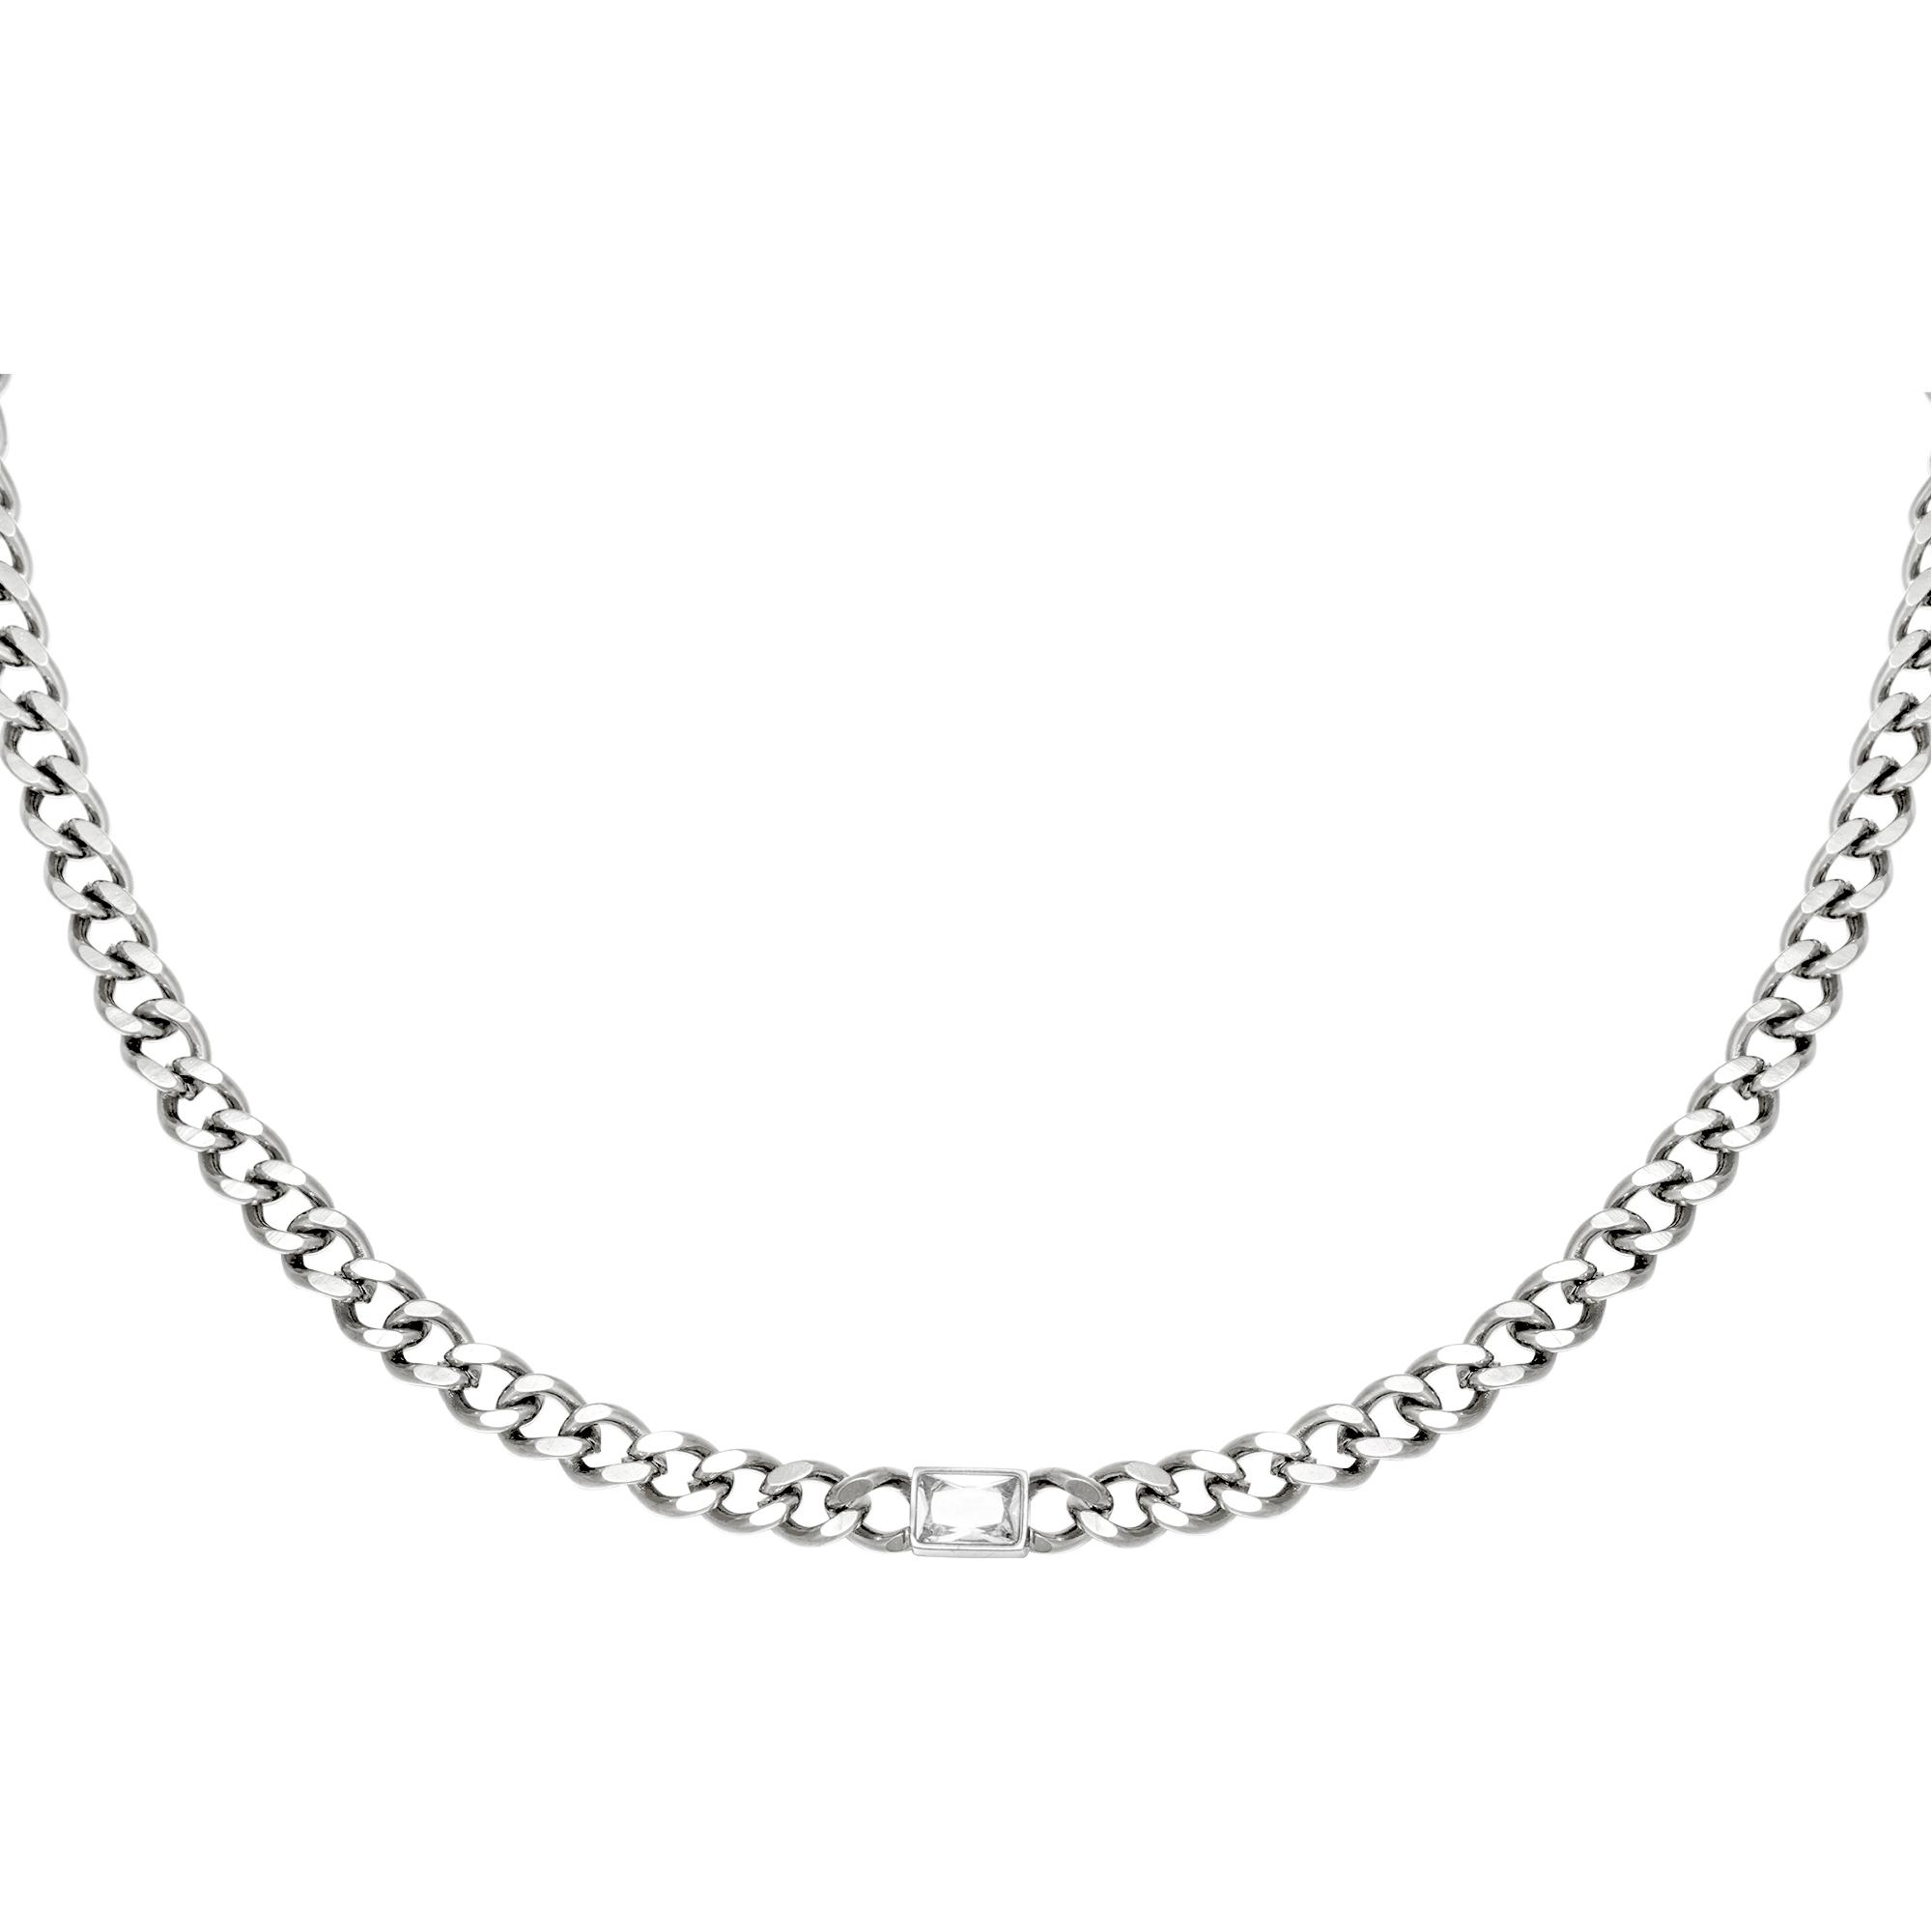 Halskette diamond in chain